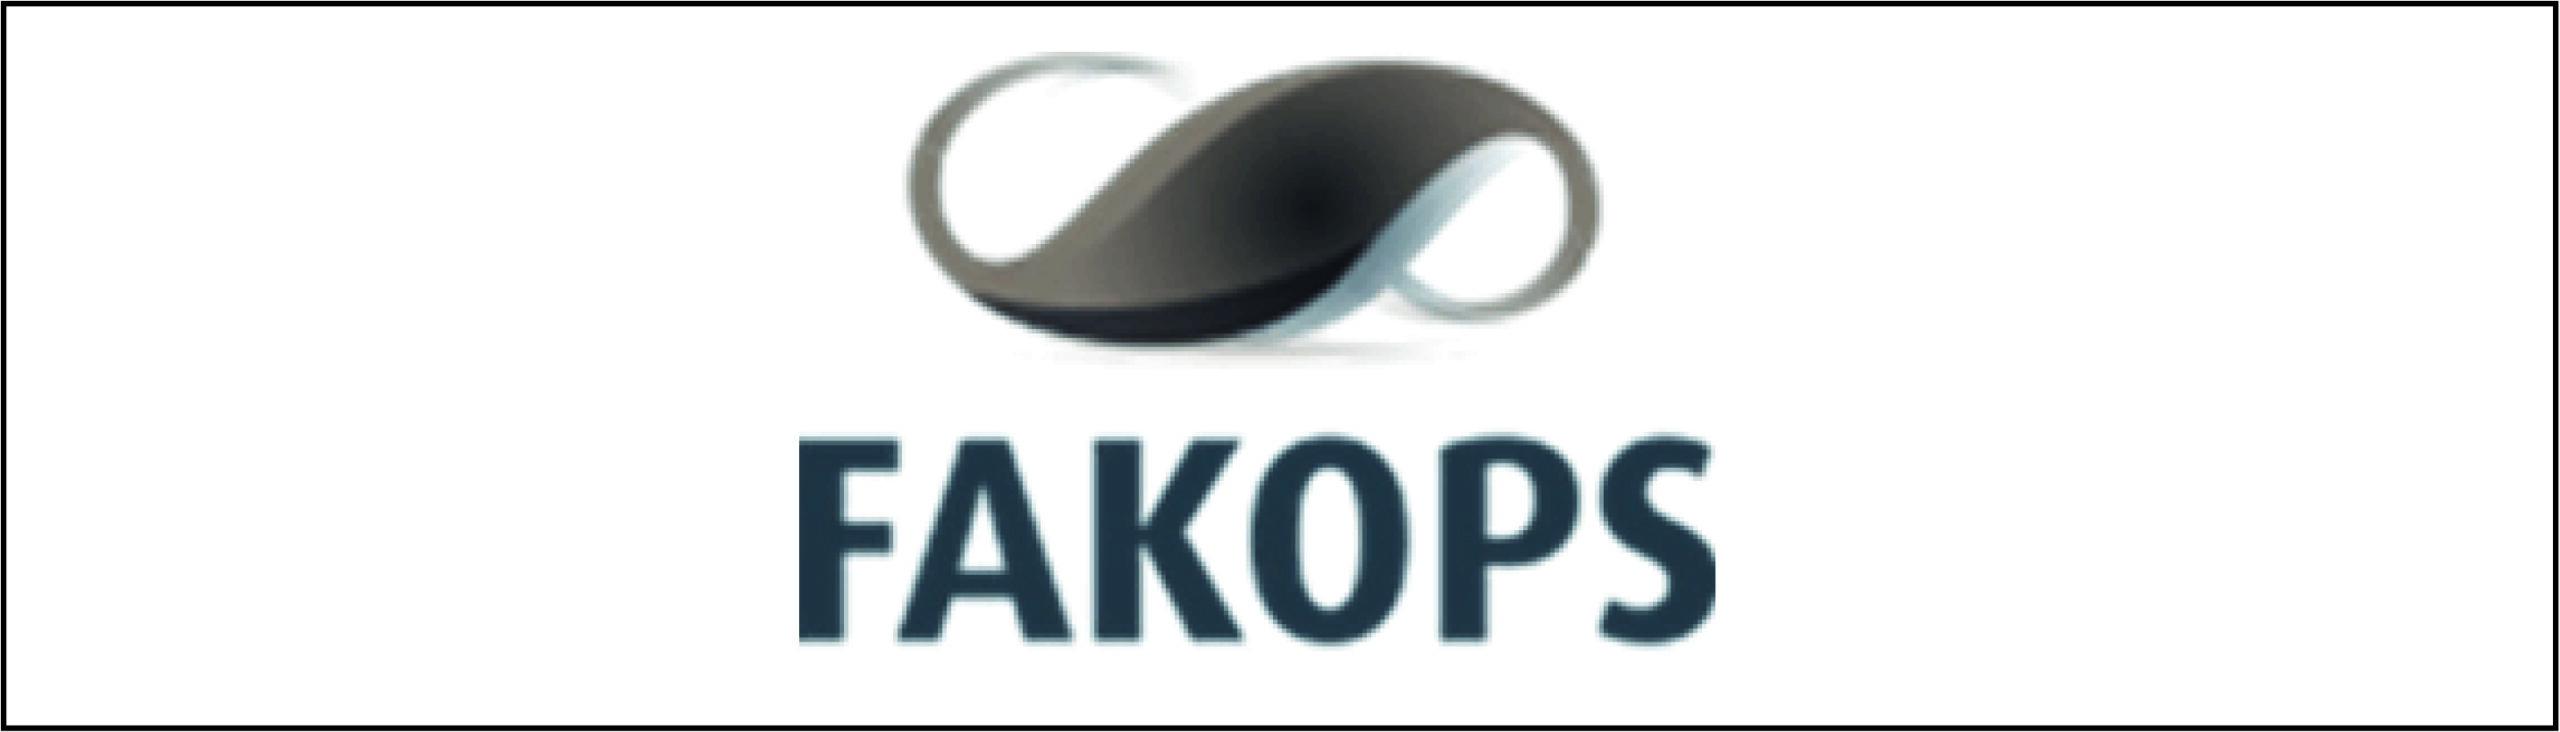 fakops samenwerking PION horeca en promotie